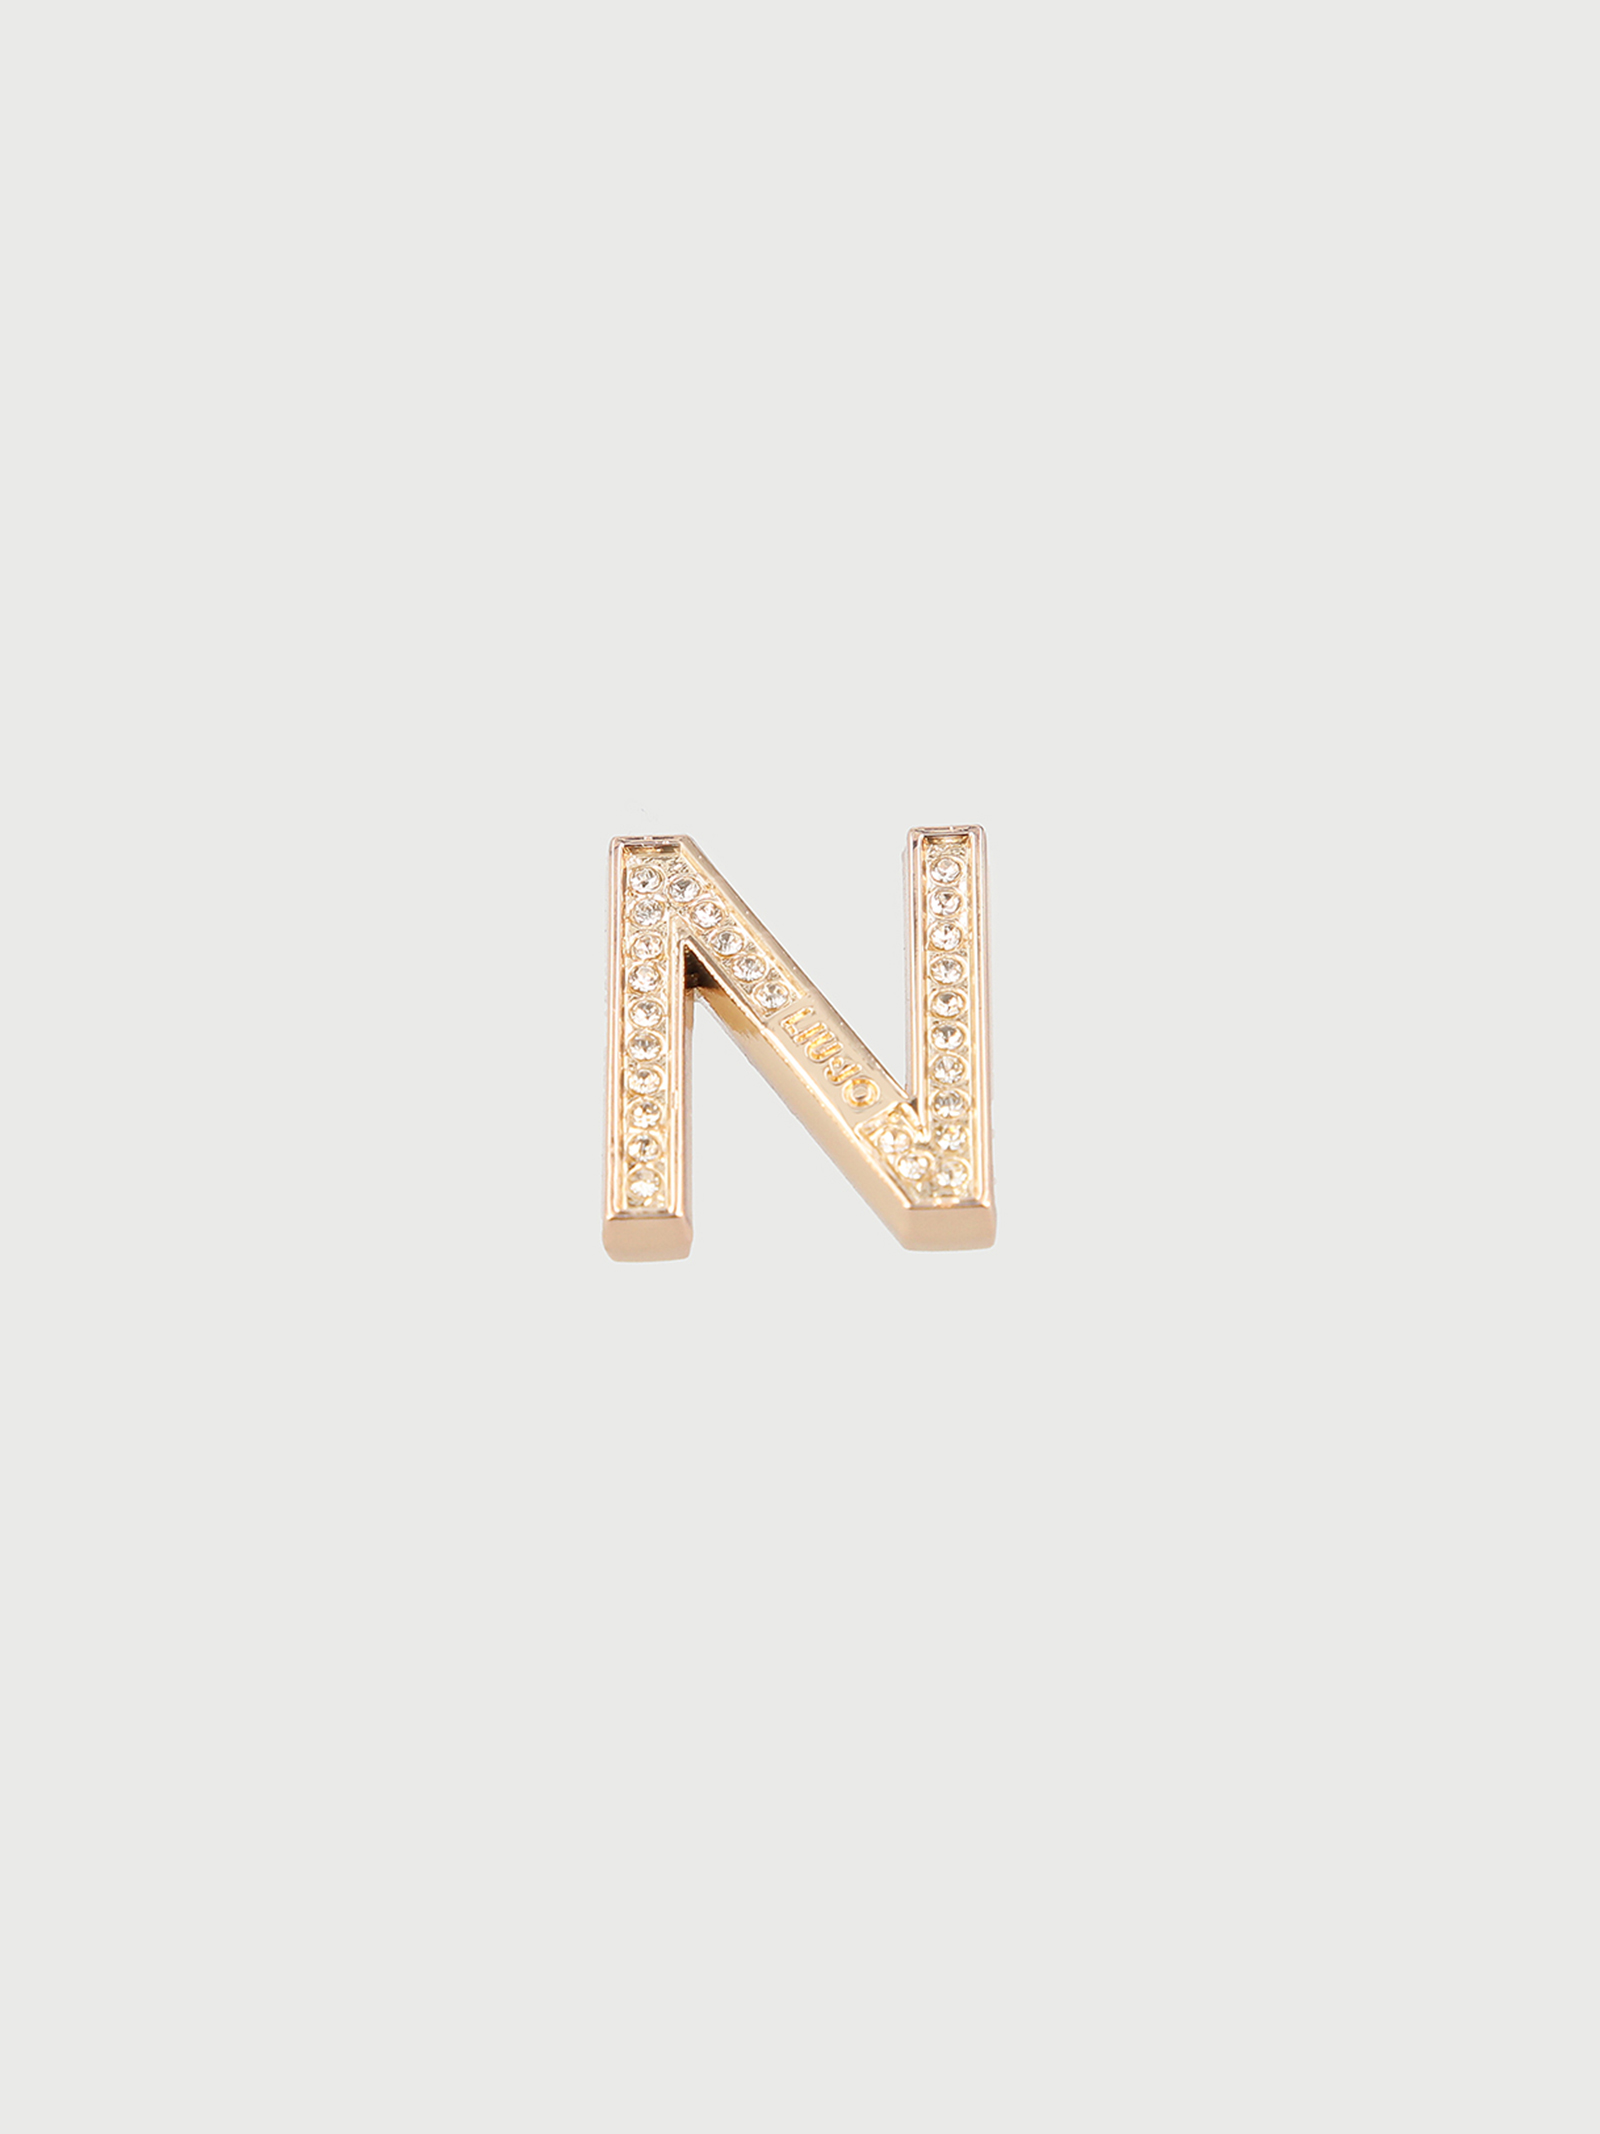 LIU JO | Magnets | AA1352MCACCN